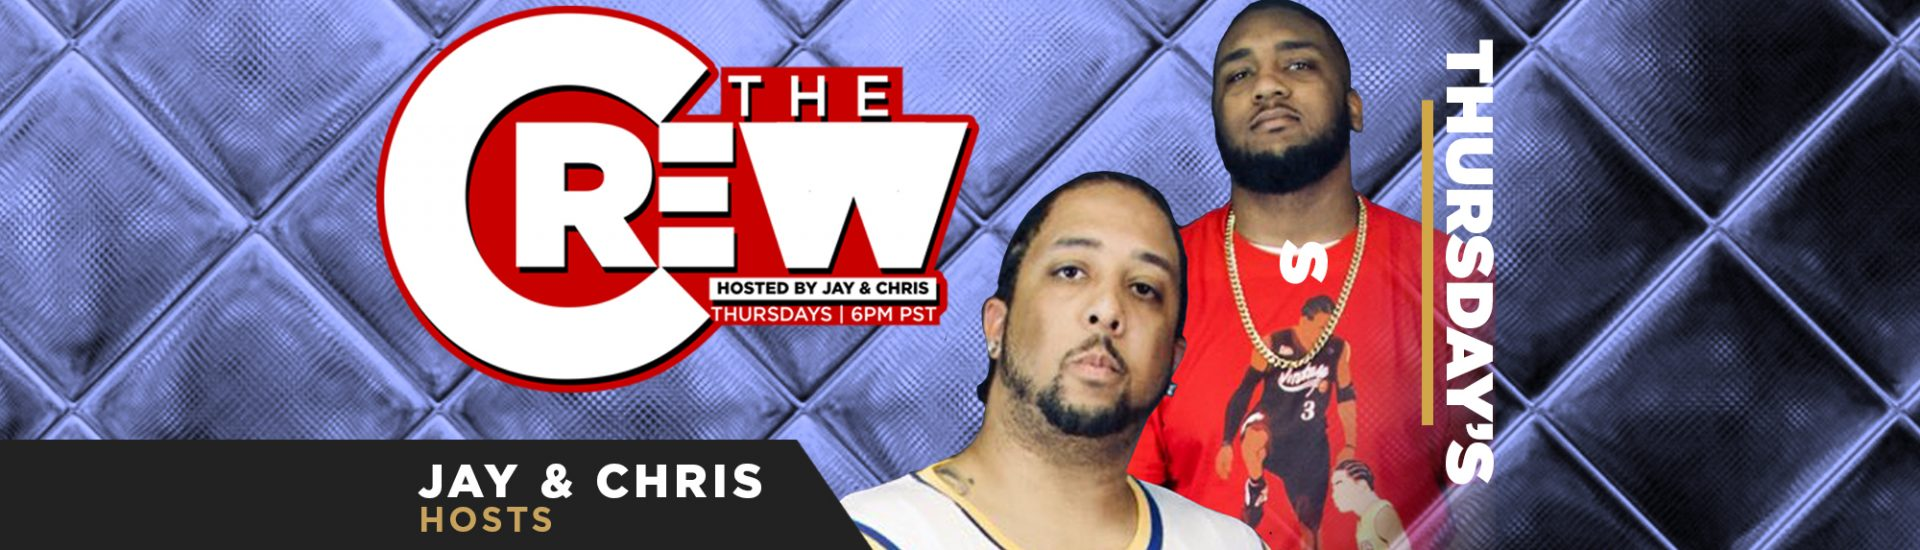 The Crew Show